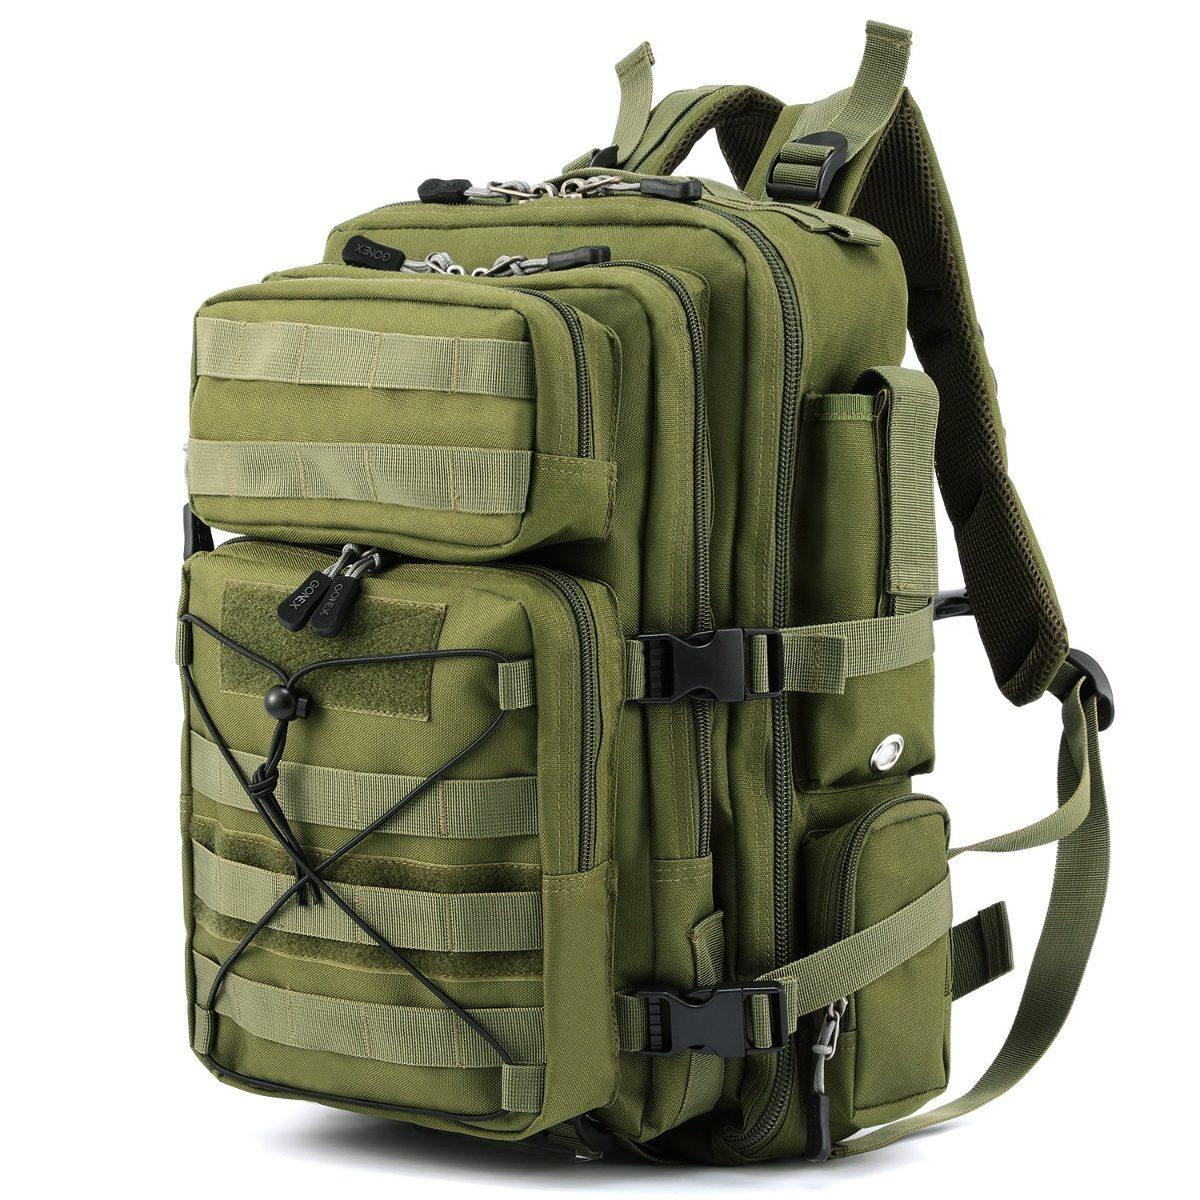 mejor selección 9180e 85ae6 Gonex Tactical Mochila Militar Mochila, Molle Bug Out Moc